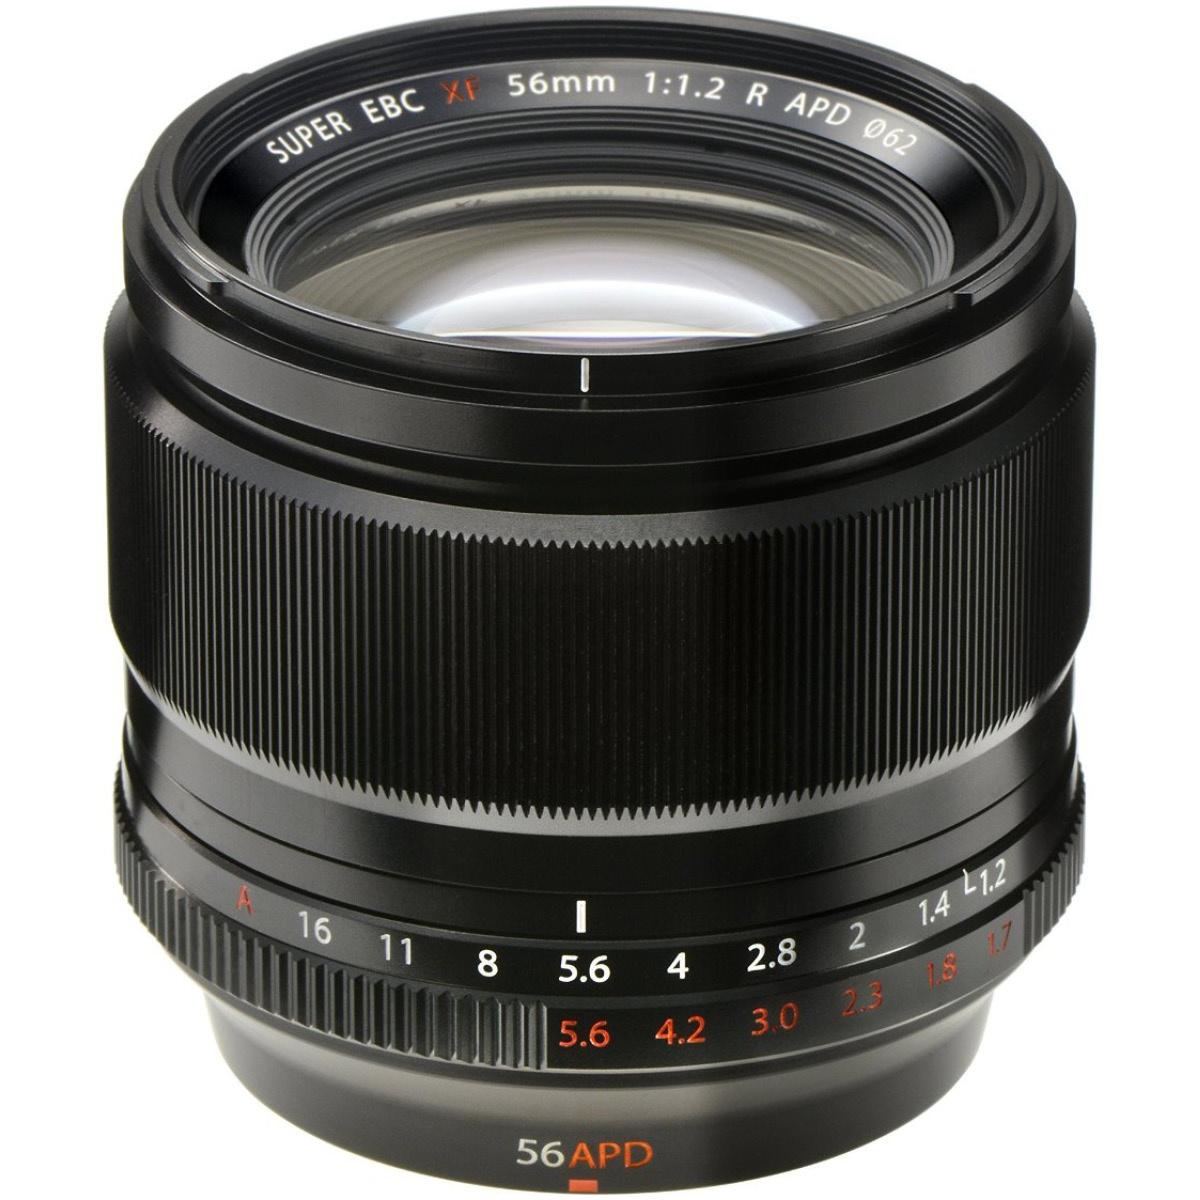 Fujifilm XF 56 mm 1:1,2 R APD